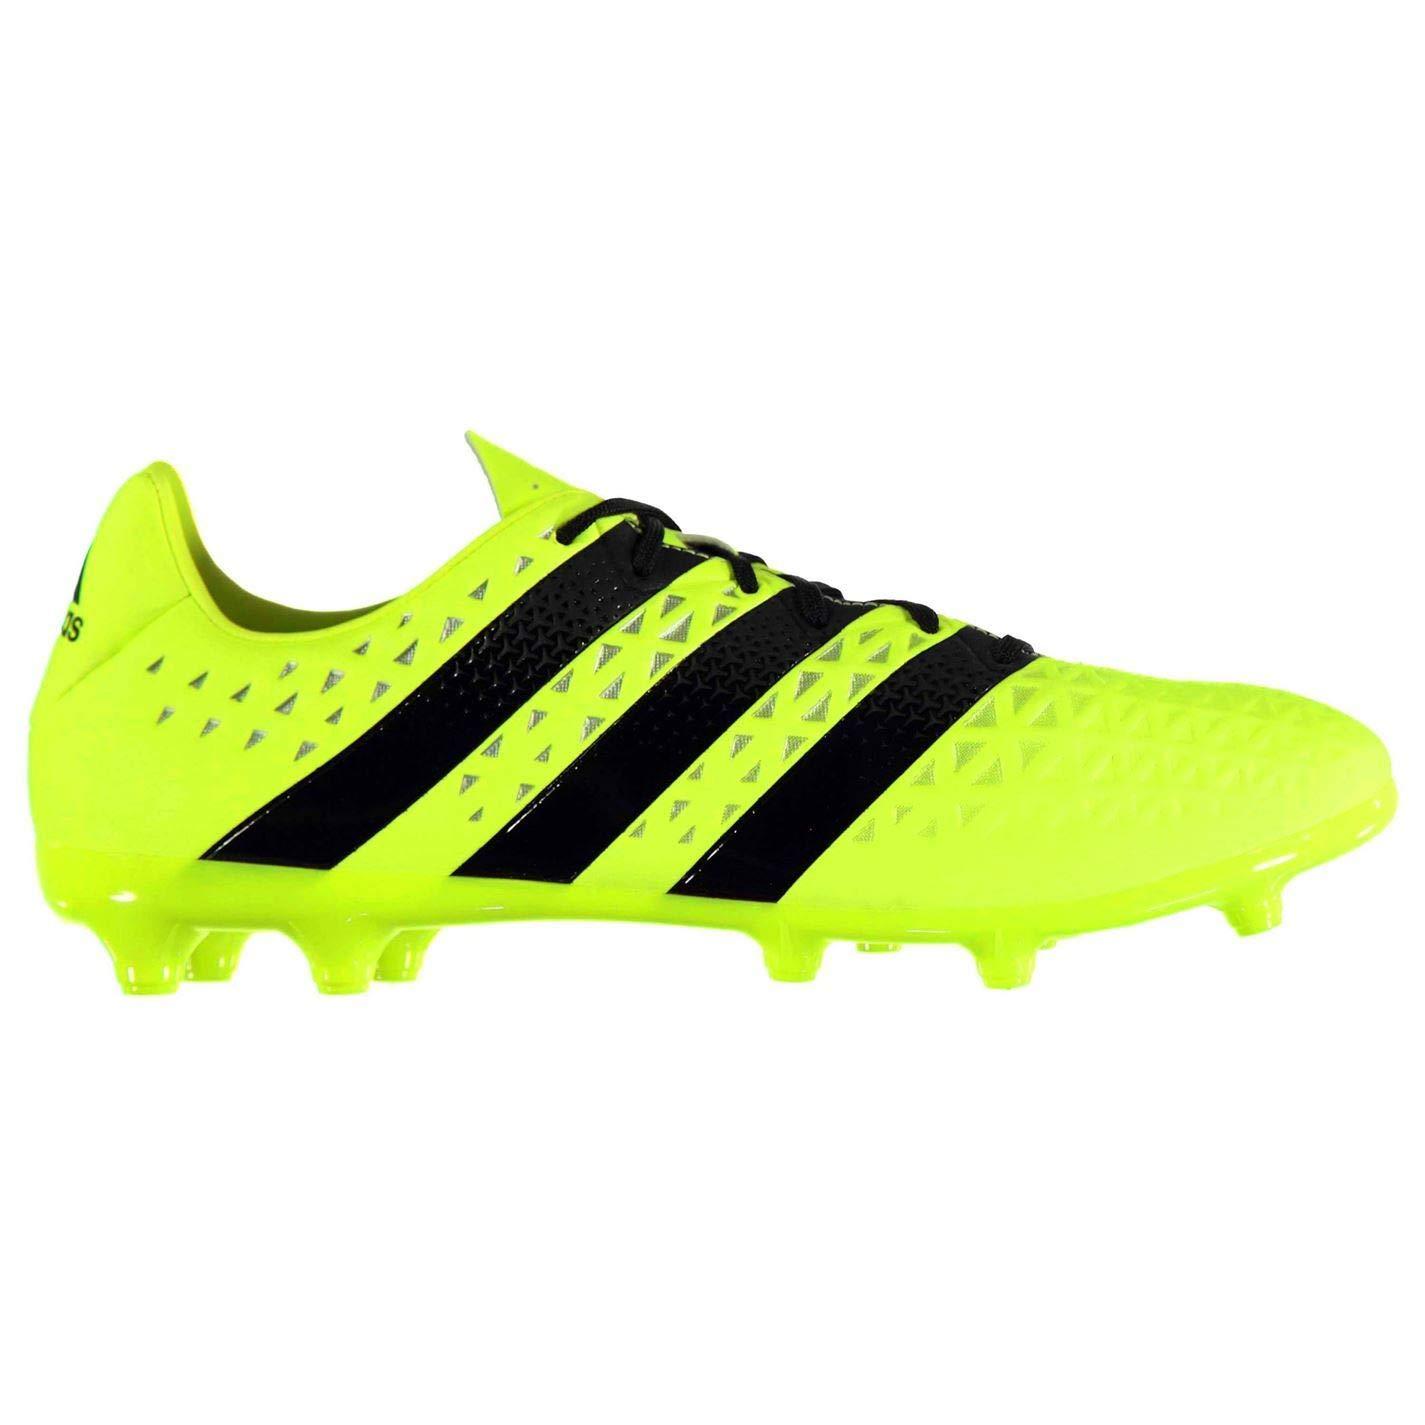 Adida Ace 16.3 FG Fußballschuhe für Herren, Gelb